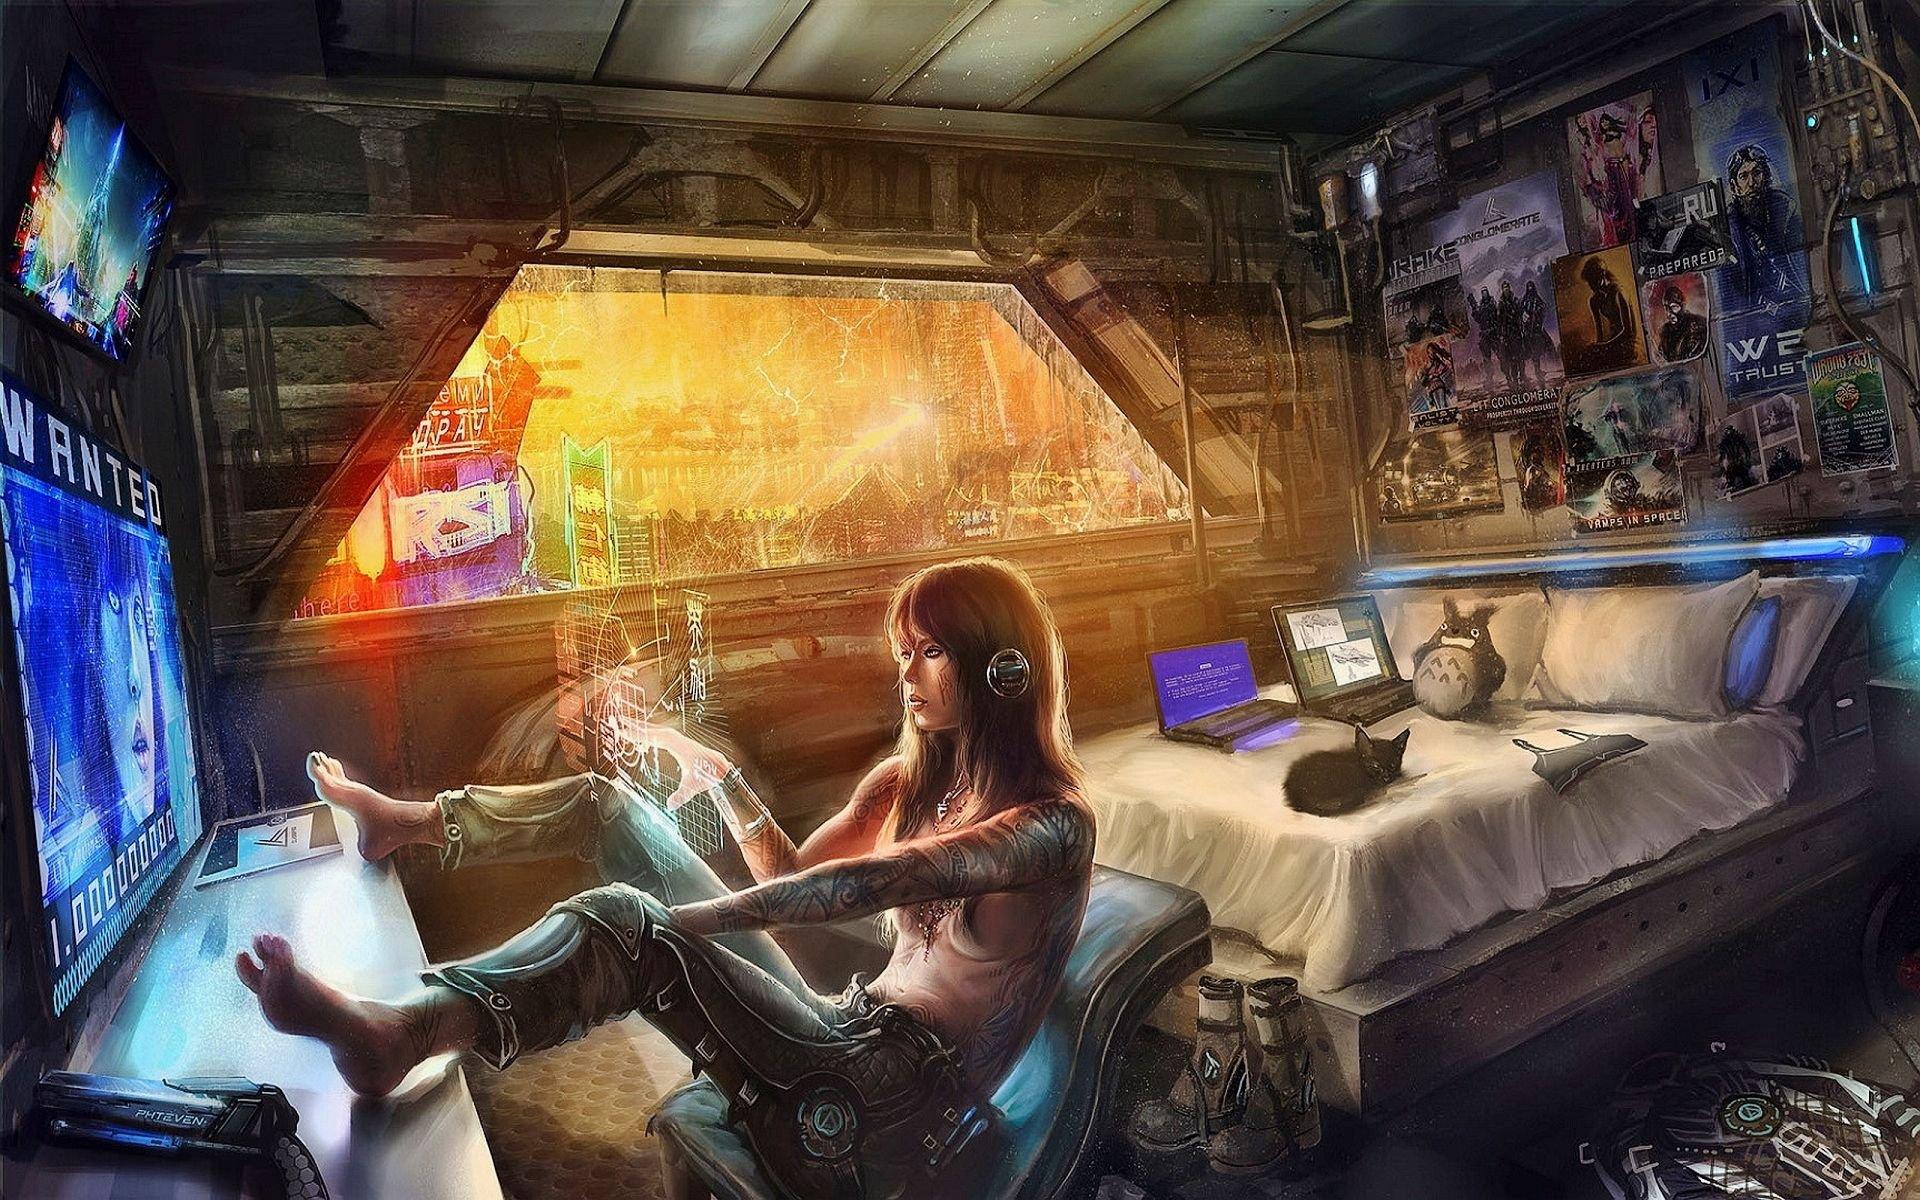 Cyberpunk Room Decor